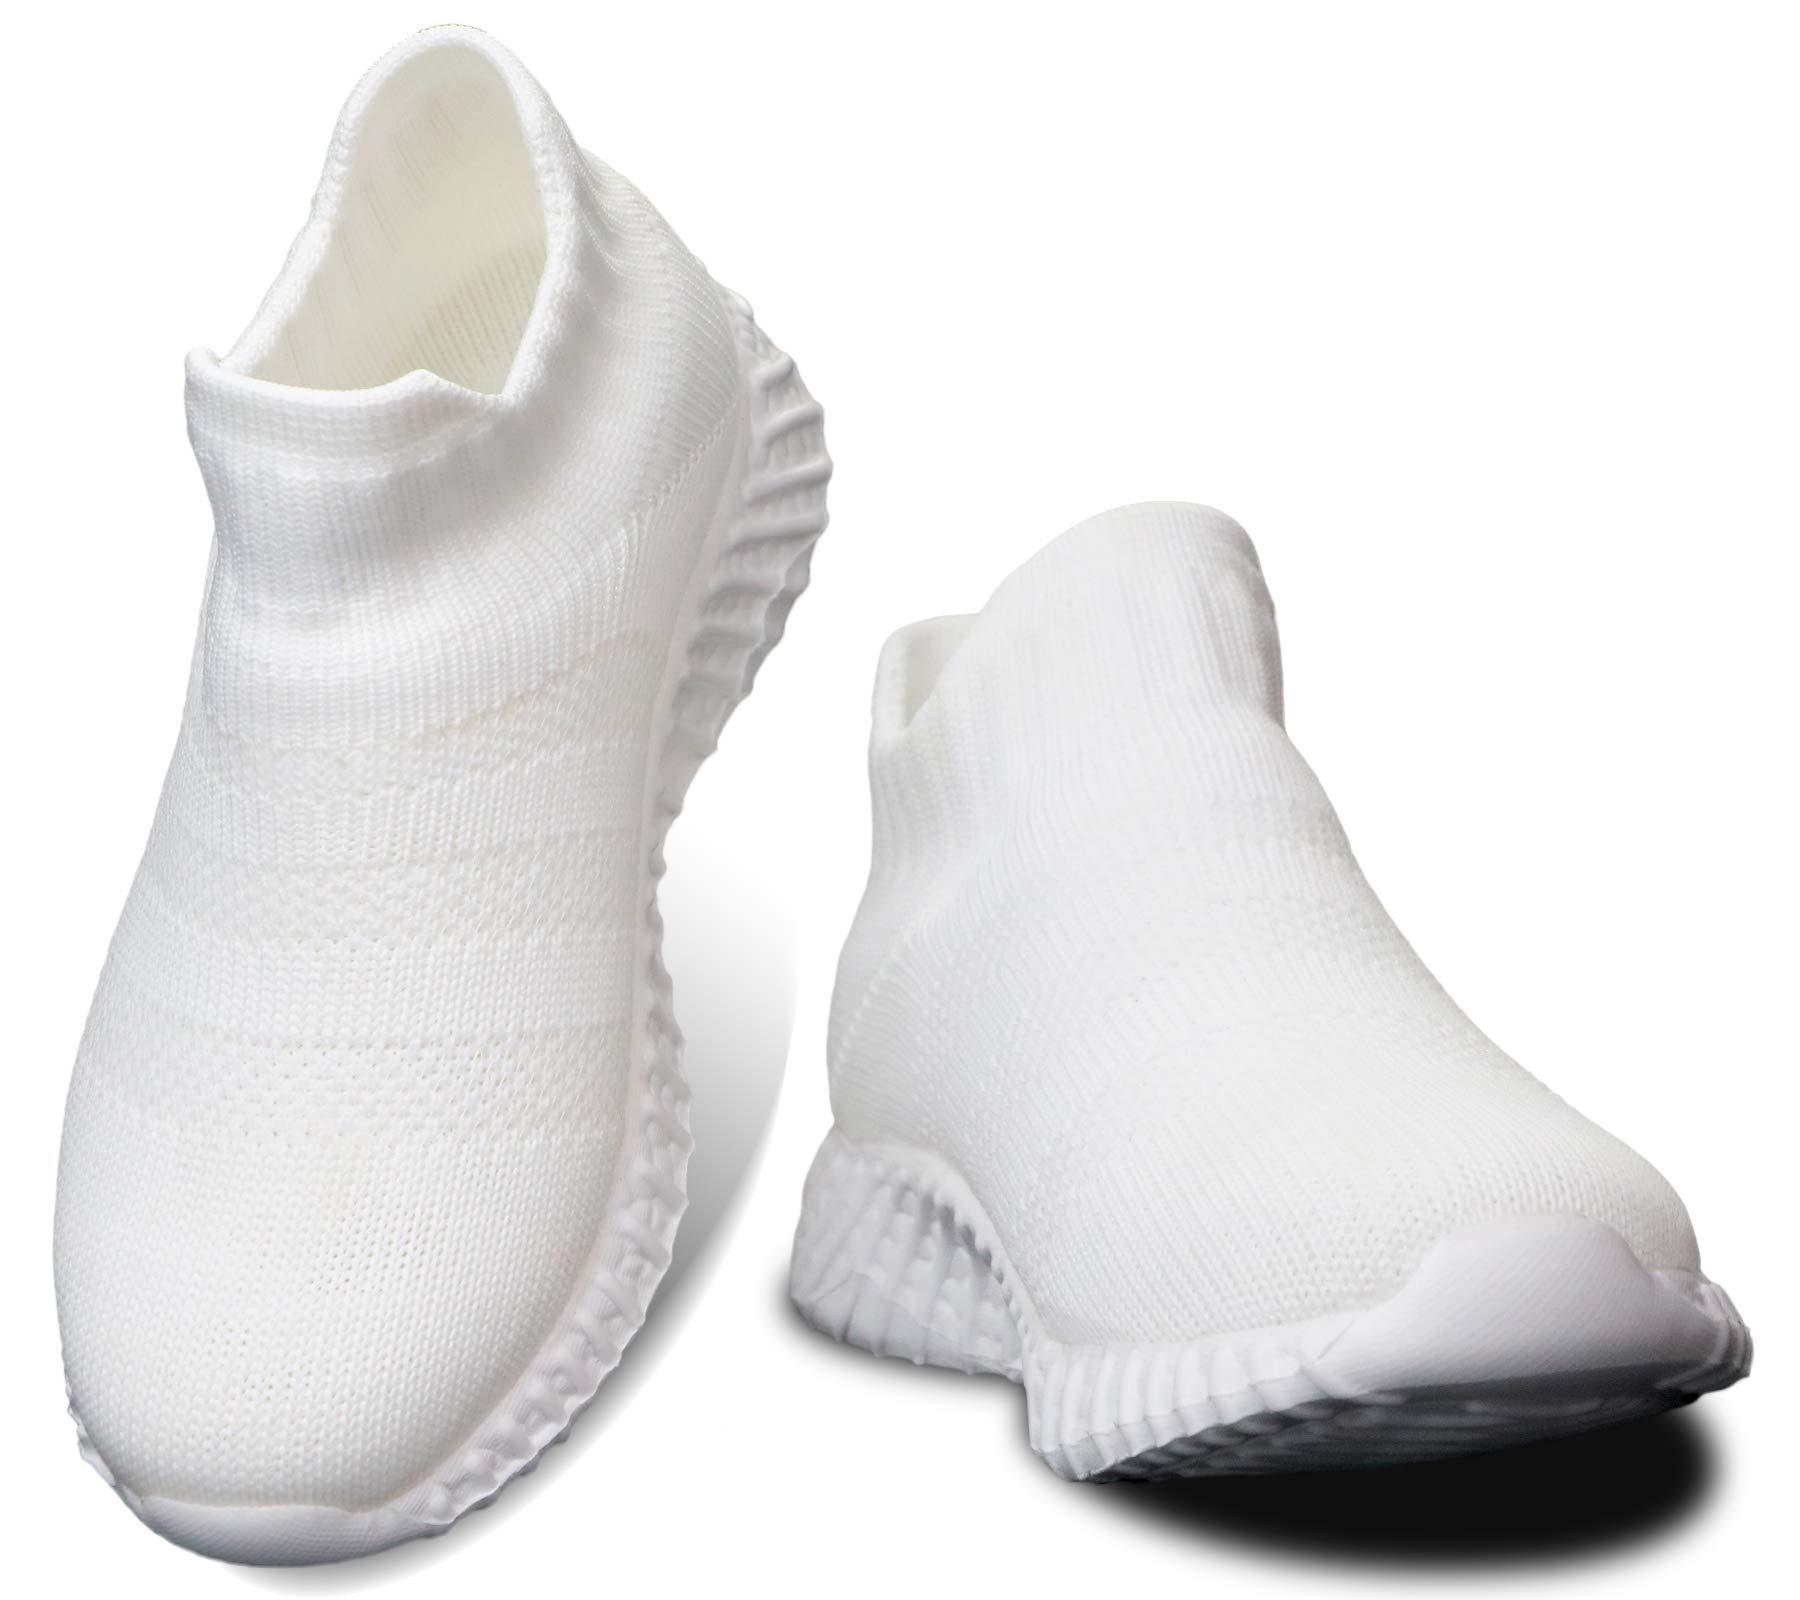 DaoLxi Kids Sneakers Boys Girls Running Walking Slip on Shoes Toddler Outdoor